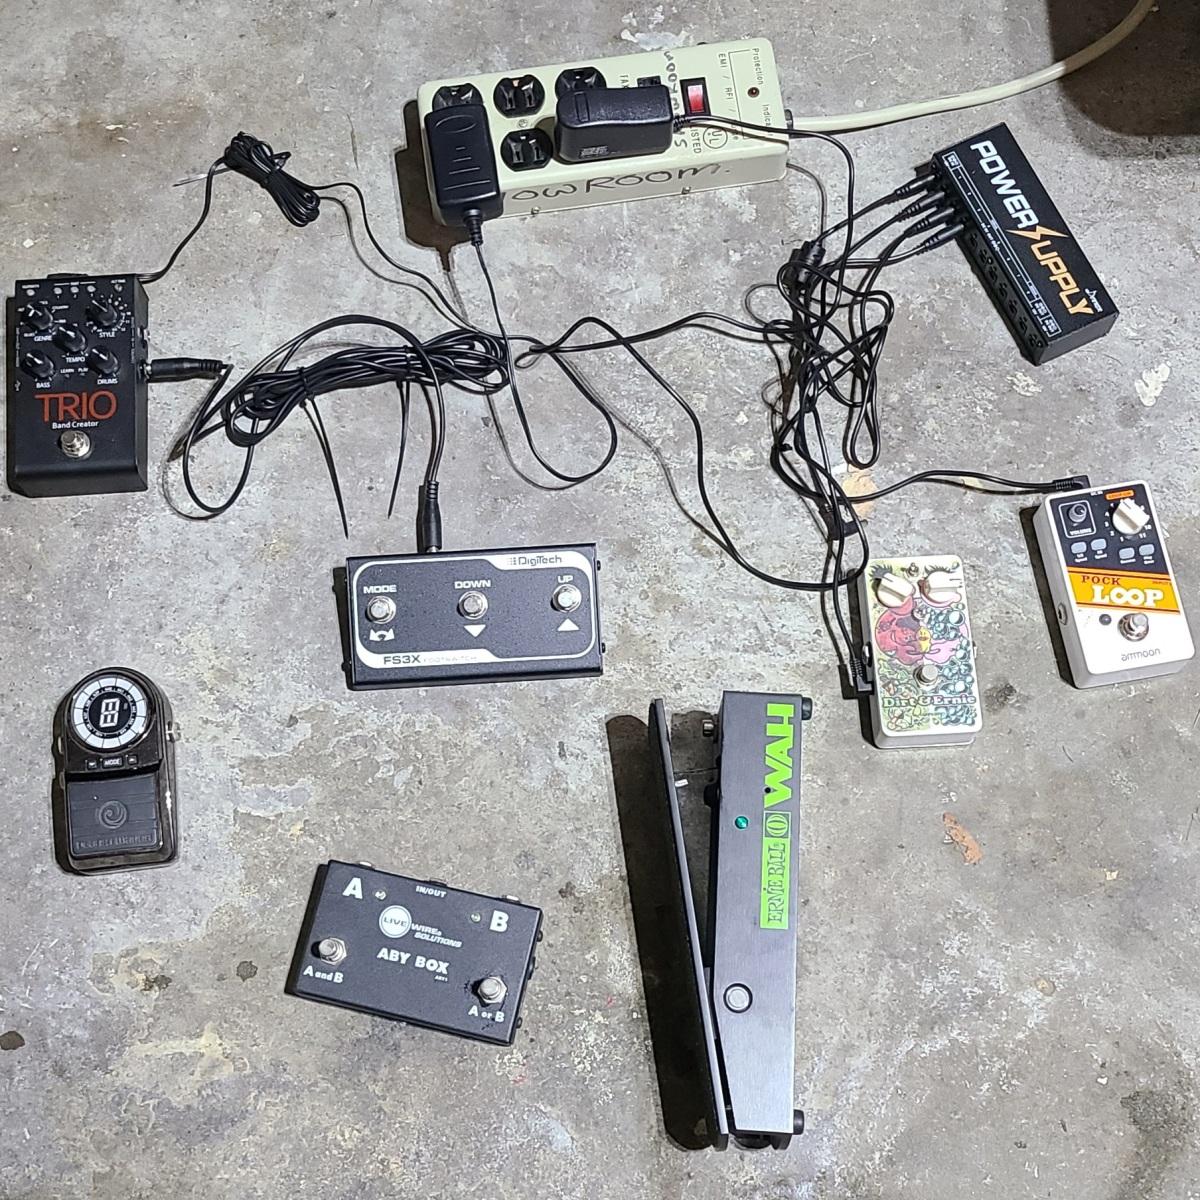 AiXeLsyD13's pedals